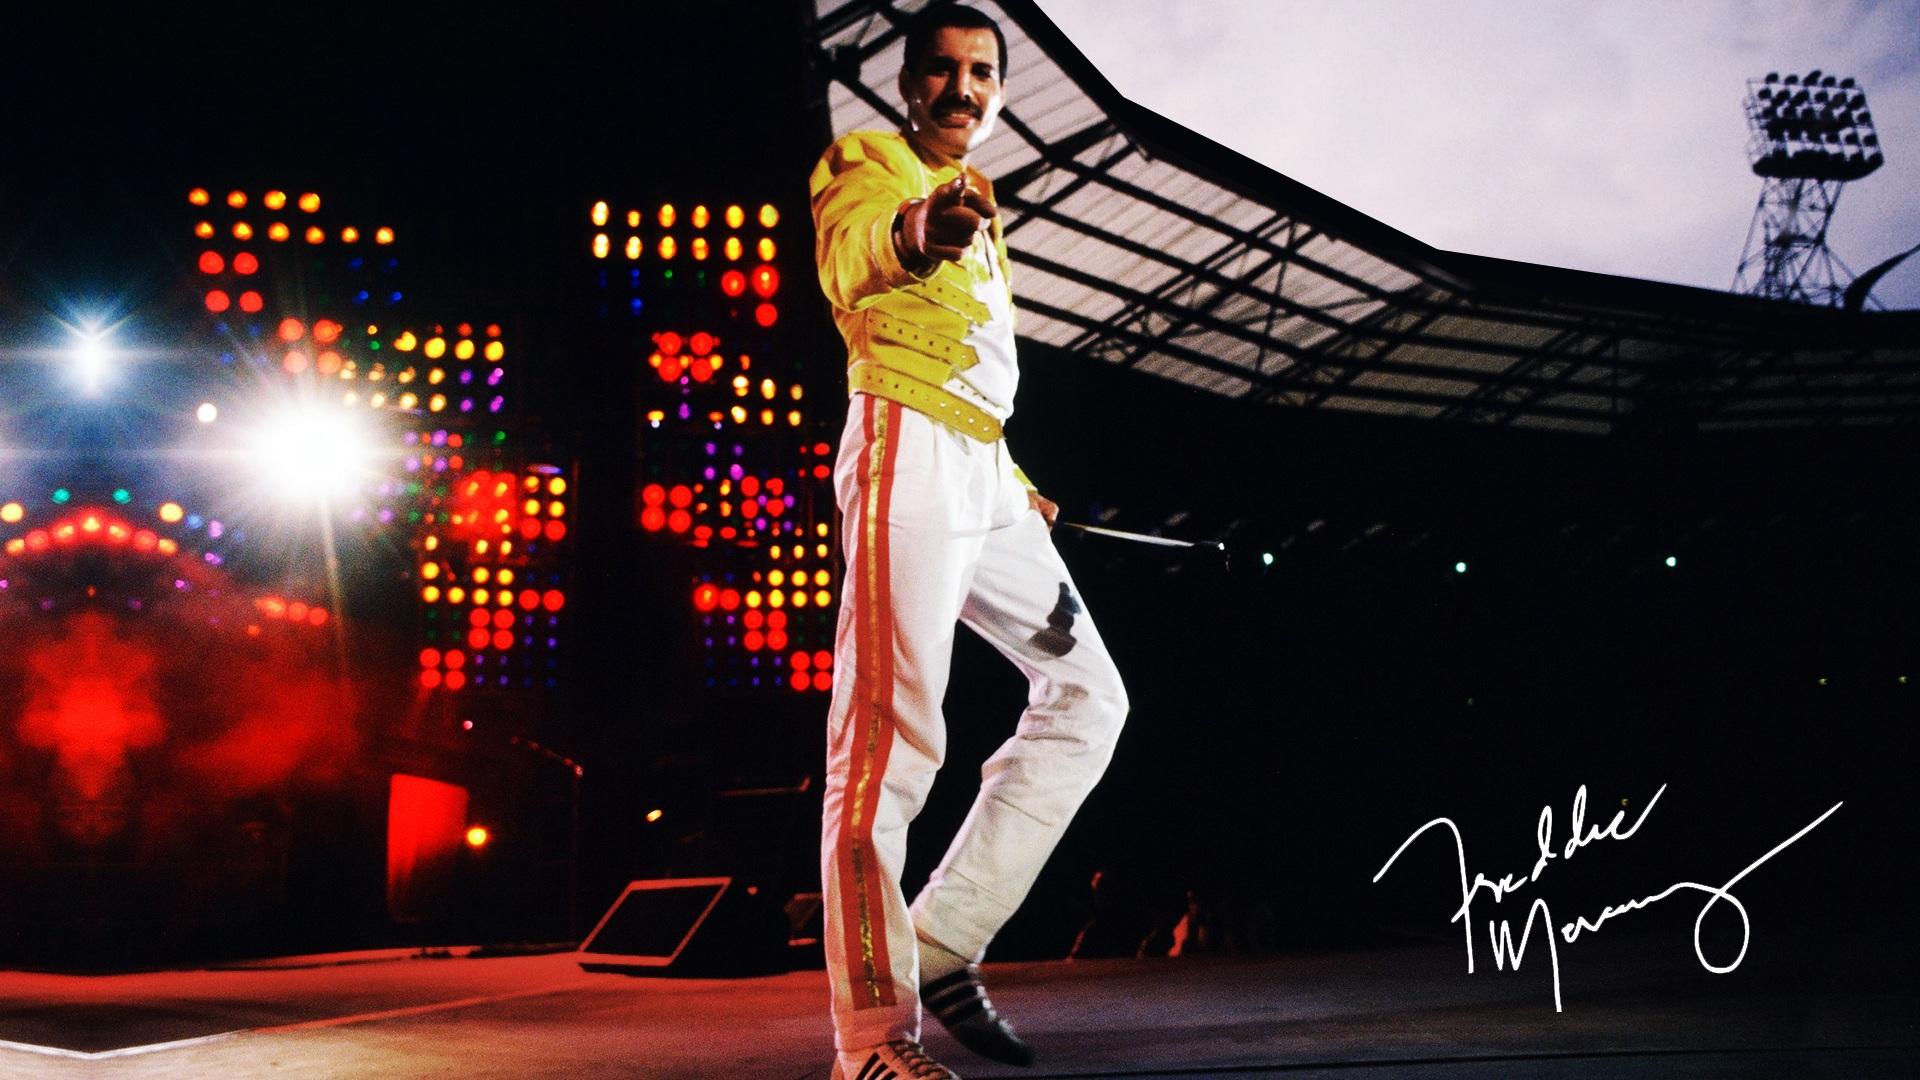 Freddie-Mercury-HD-Wallpapers-Download